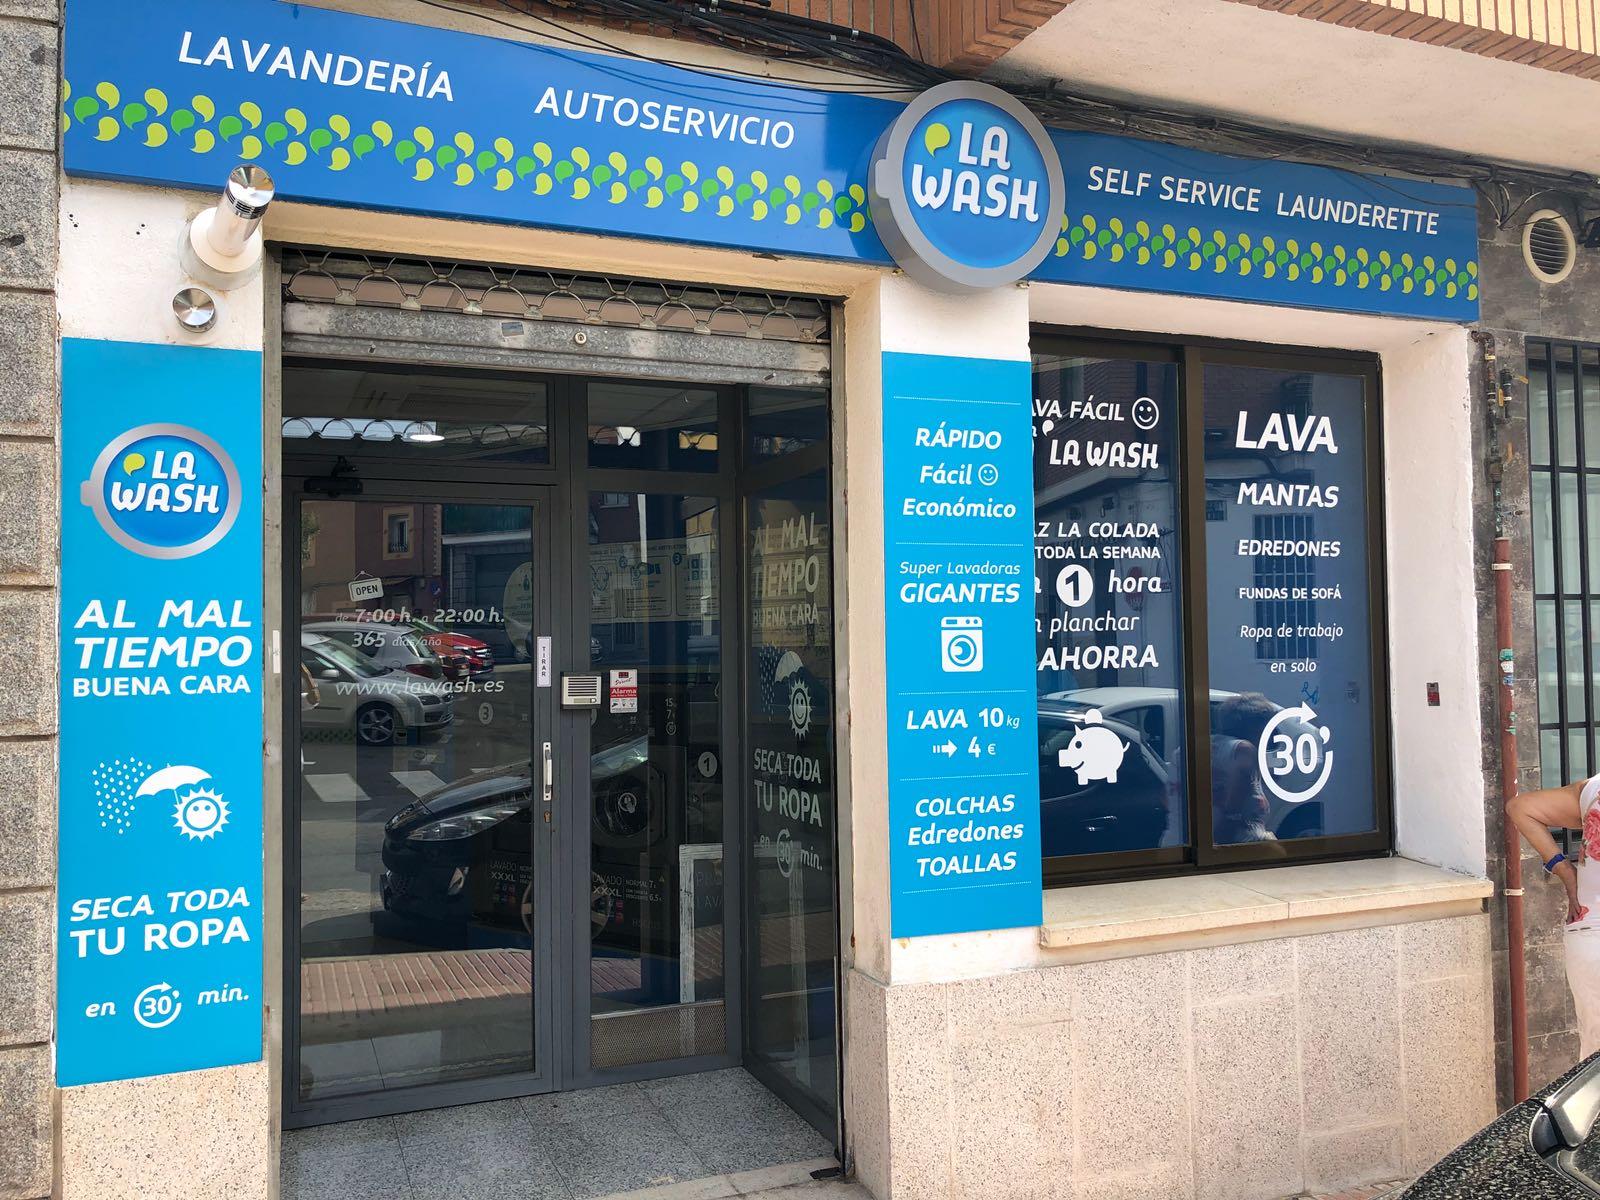 Lavandería autoservicio La Wash DEL TINTE 26, Colmenar Viejo